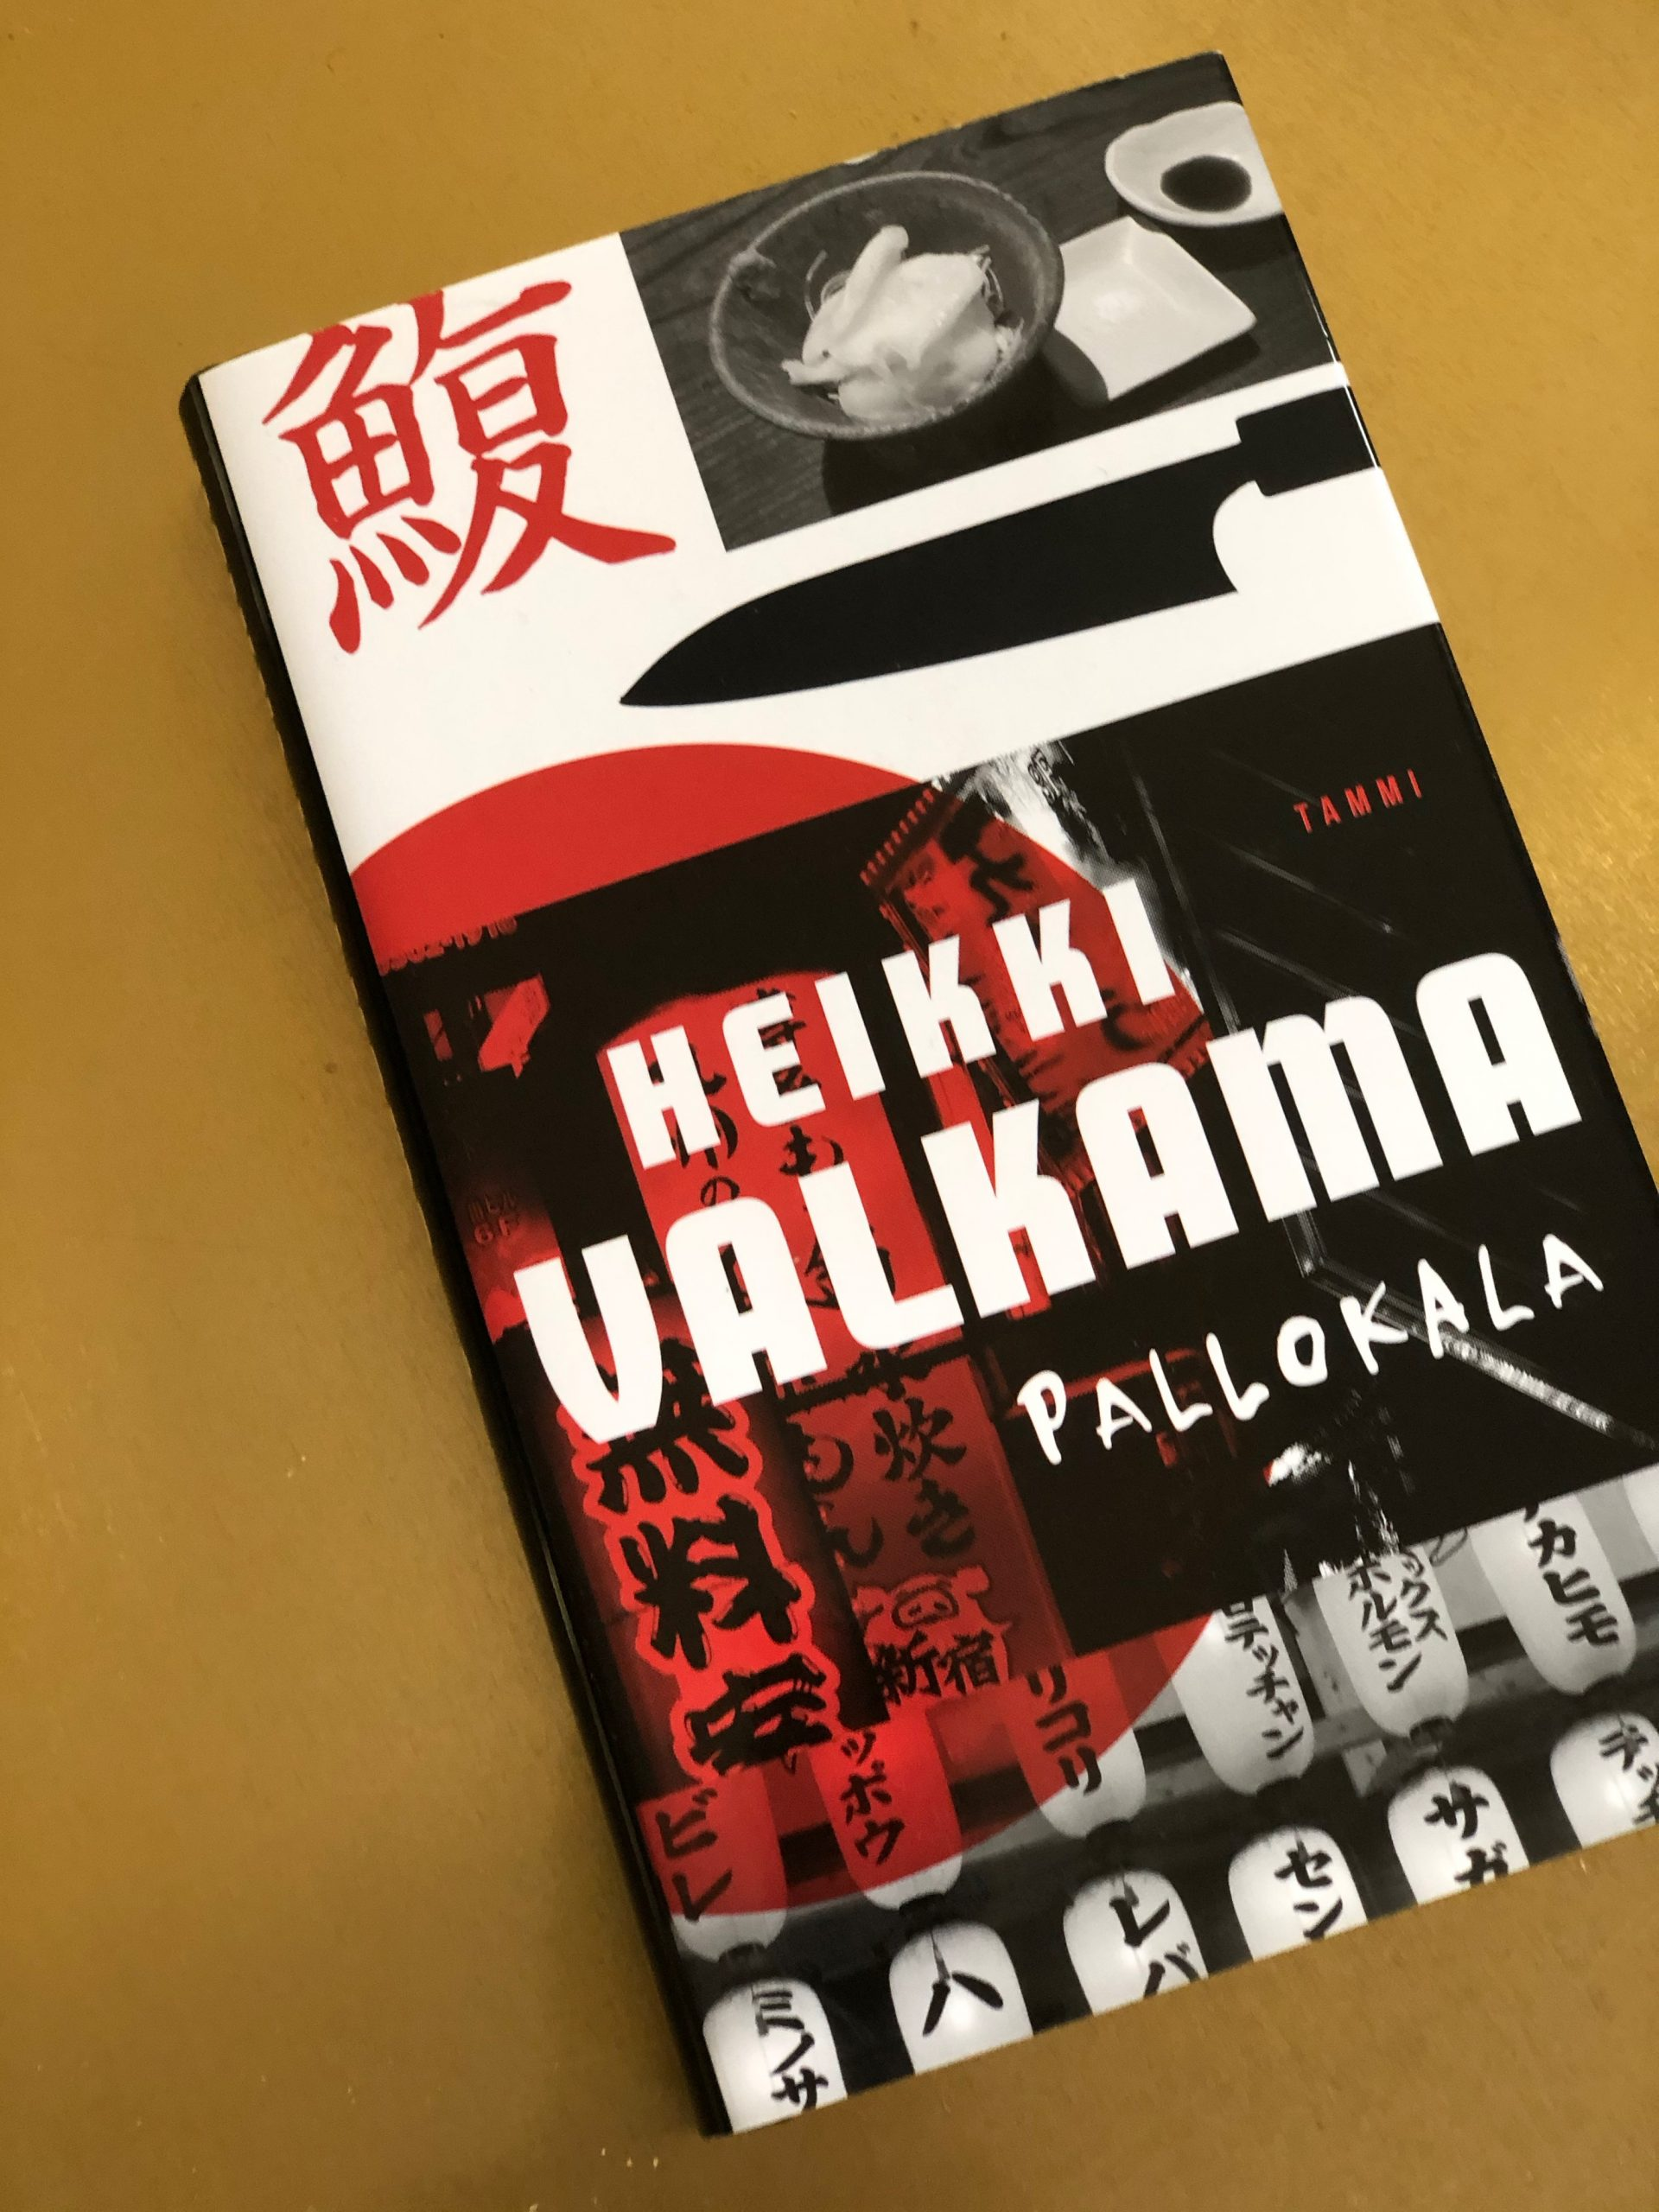 Heikki Valkama: Pallokala